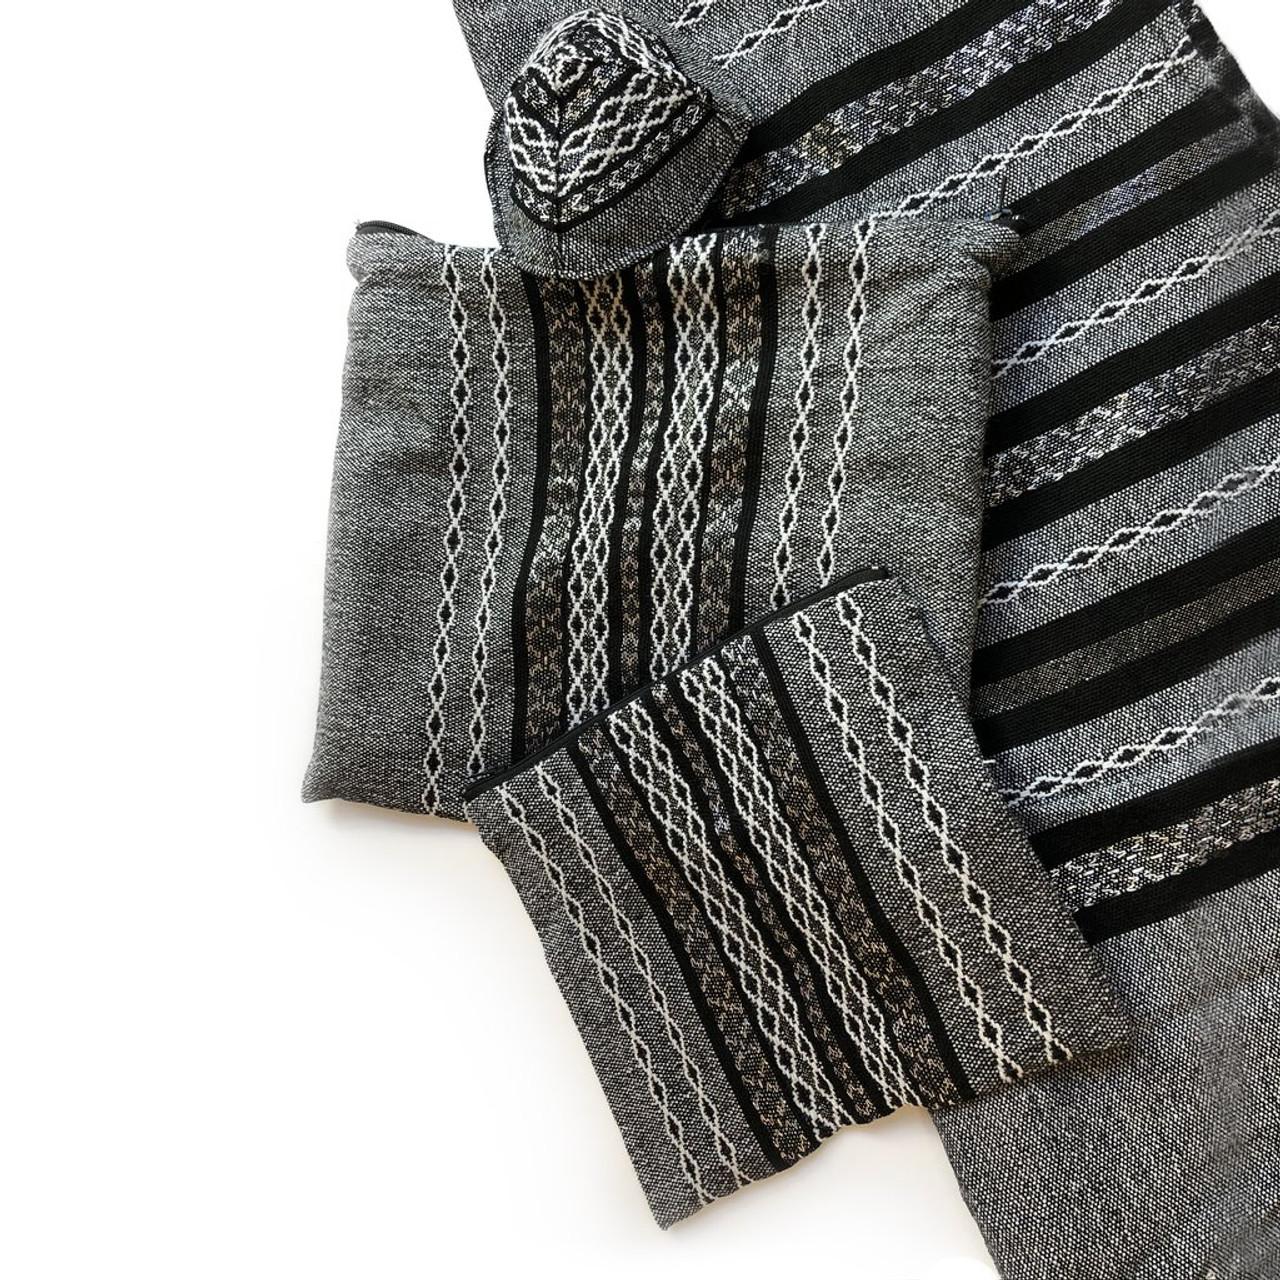 Gabrieli Premium - Gray with Black, White & Silver